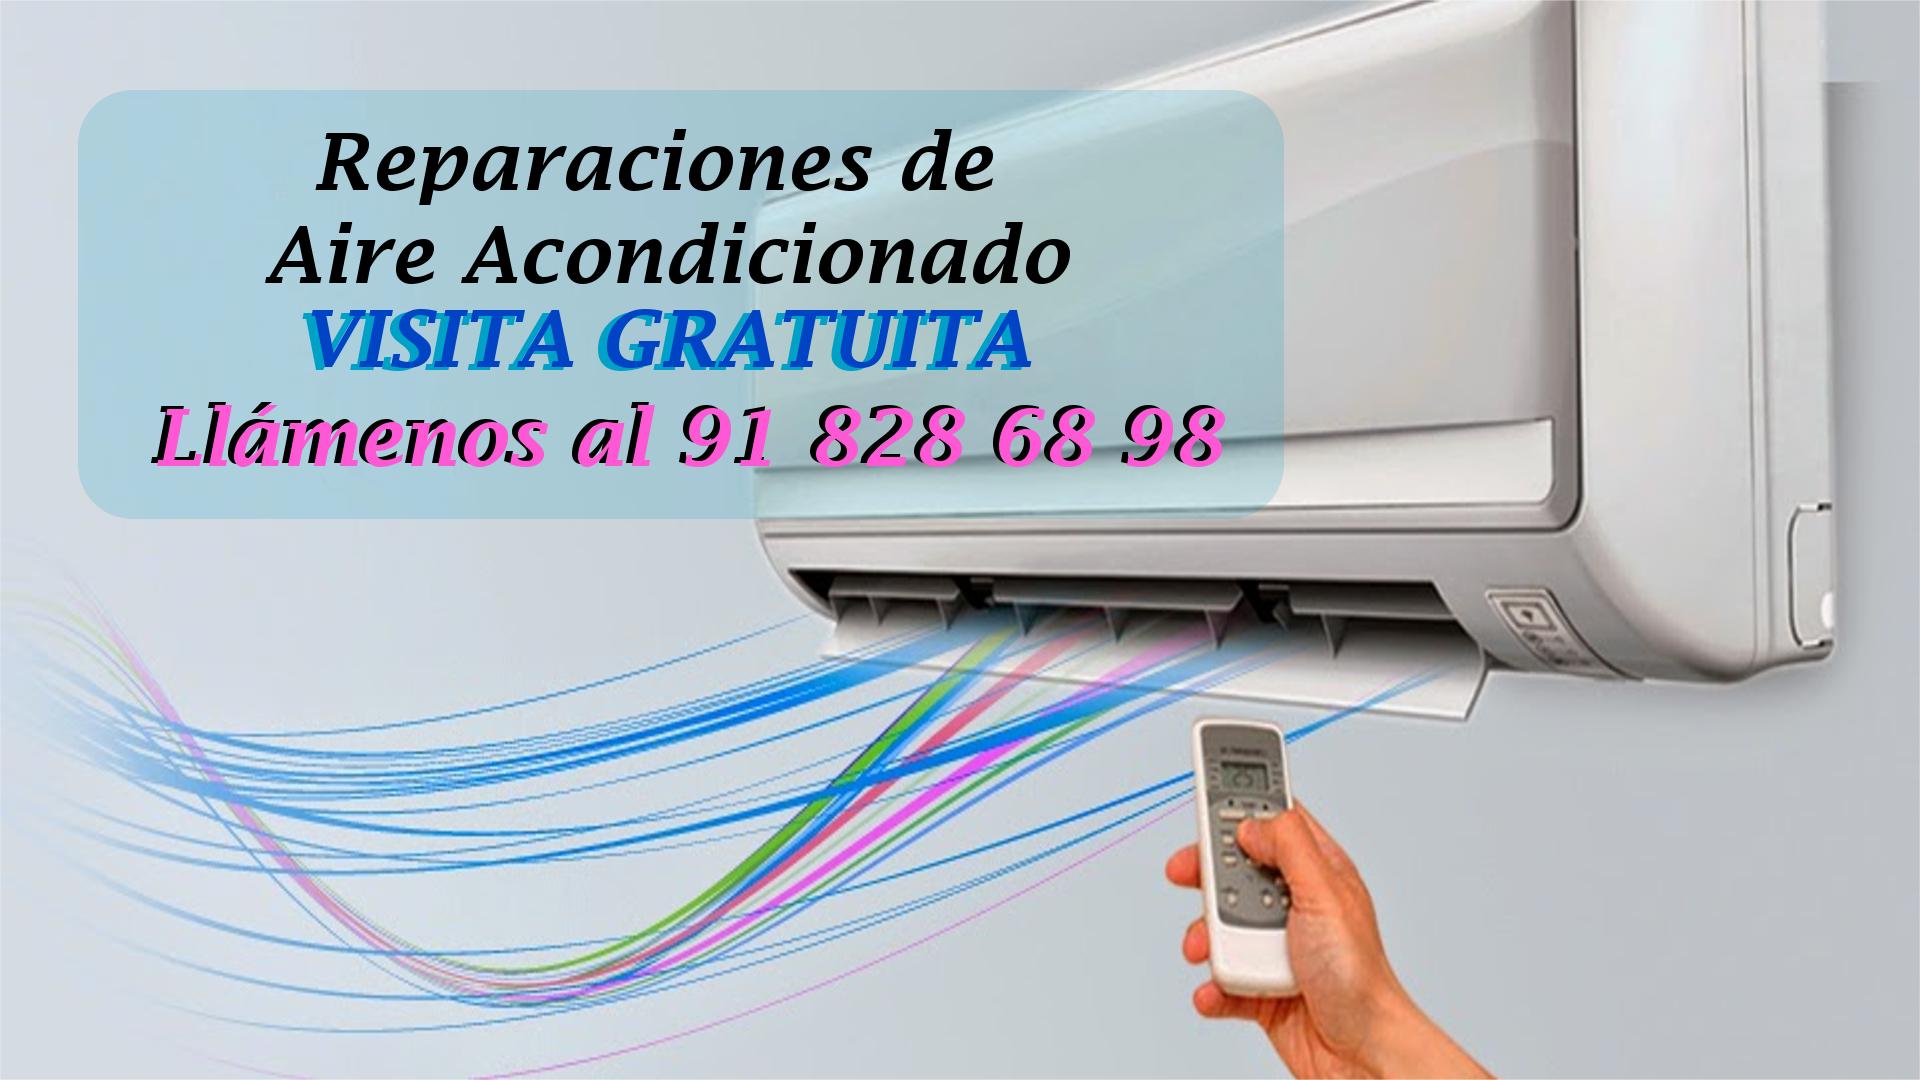 Reparaci n aire acondicionado madrid visita gratuita for Reparacion aire acondicionado granada